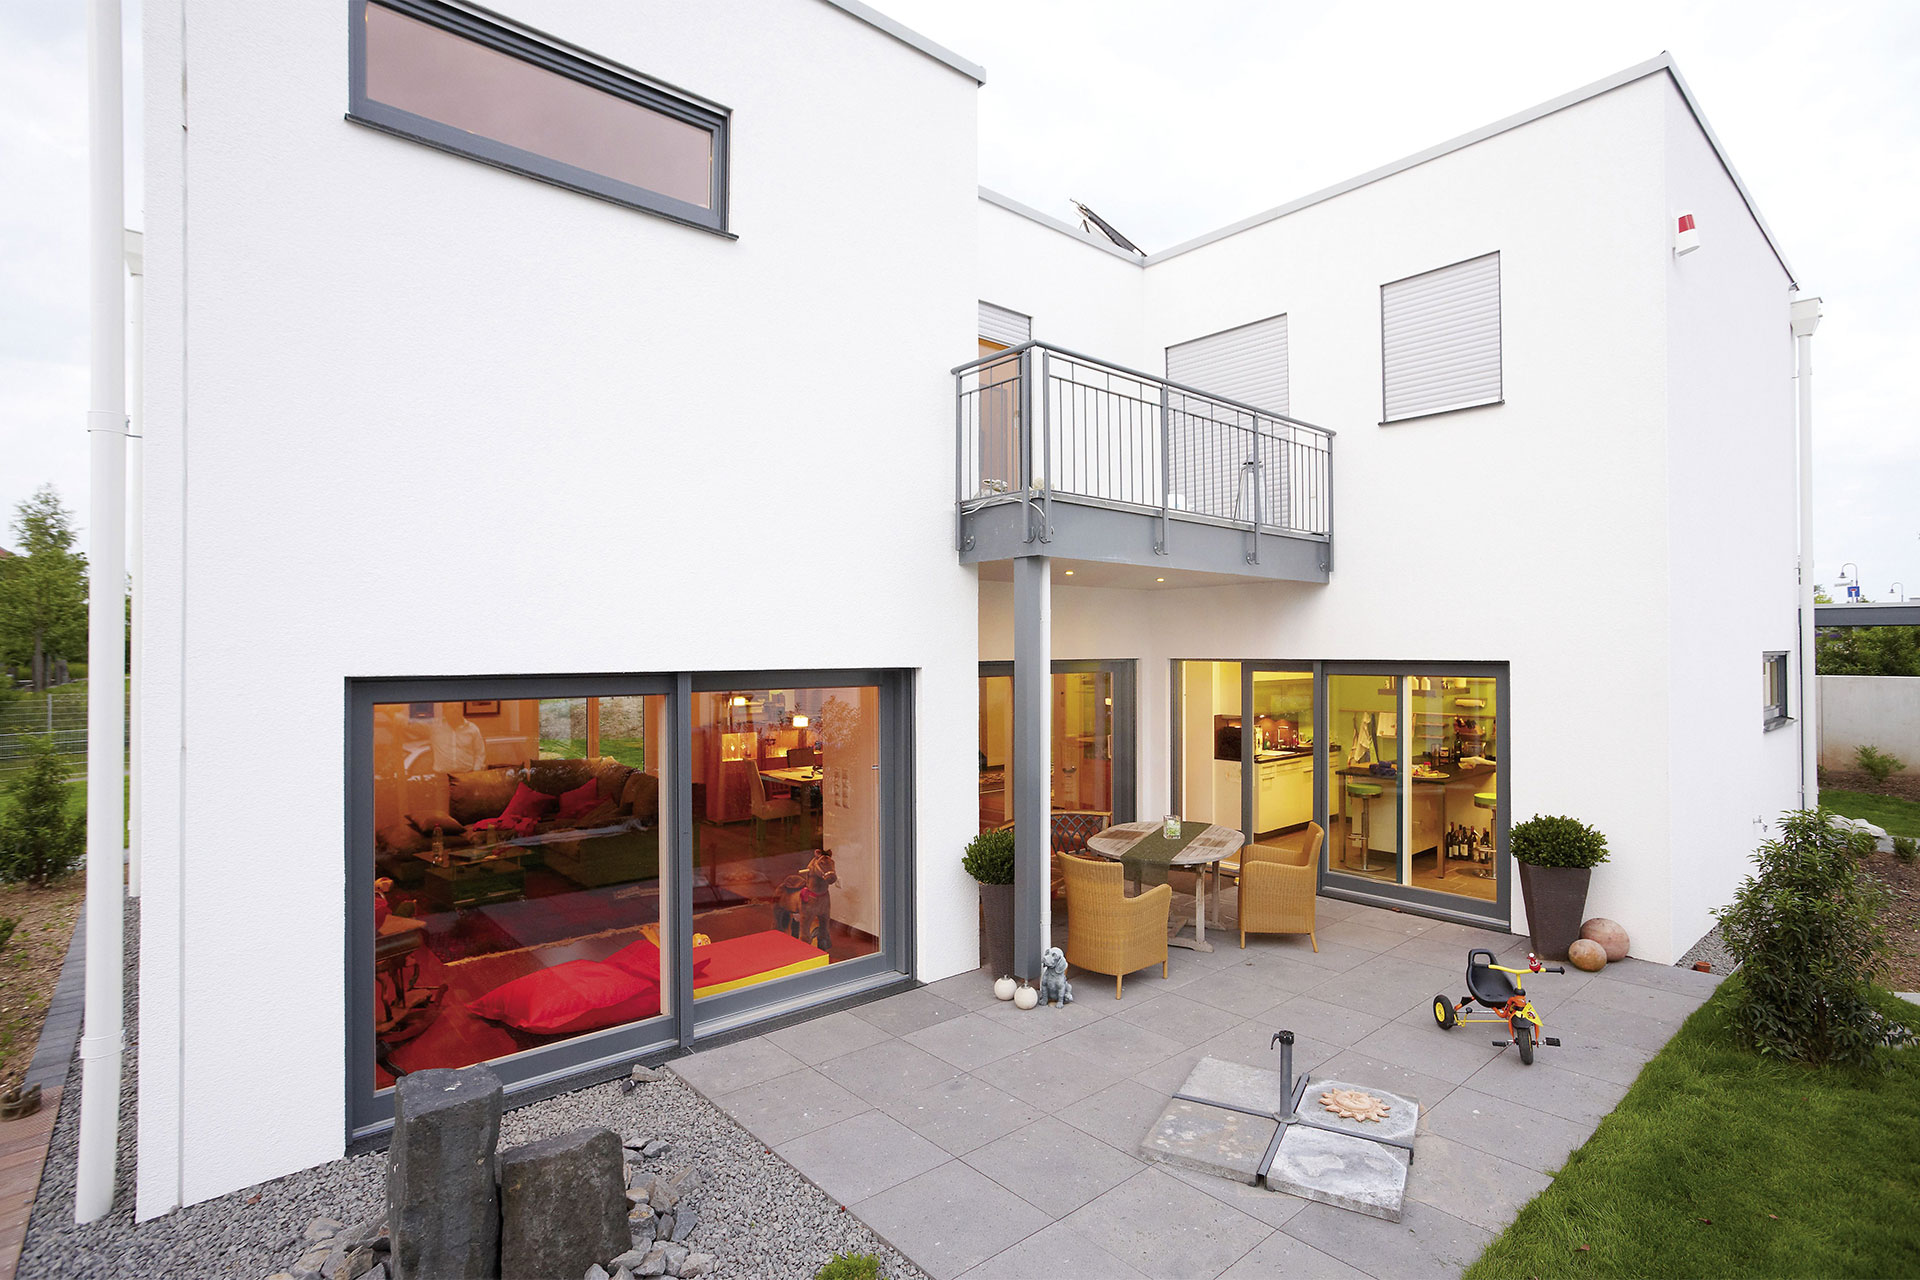 Fertighaus flachdach modell trevi ein fertighaus von for Fertighaus flachdach